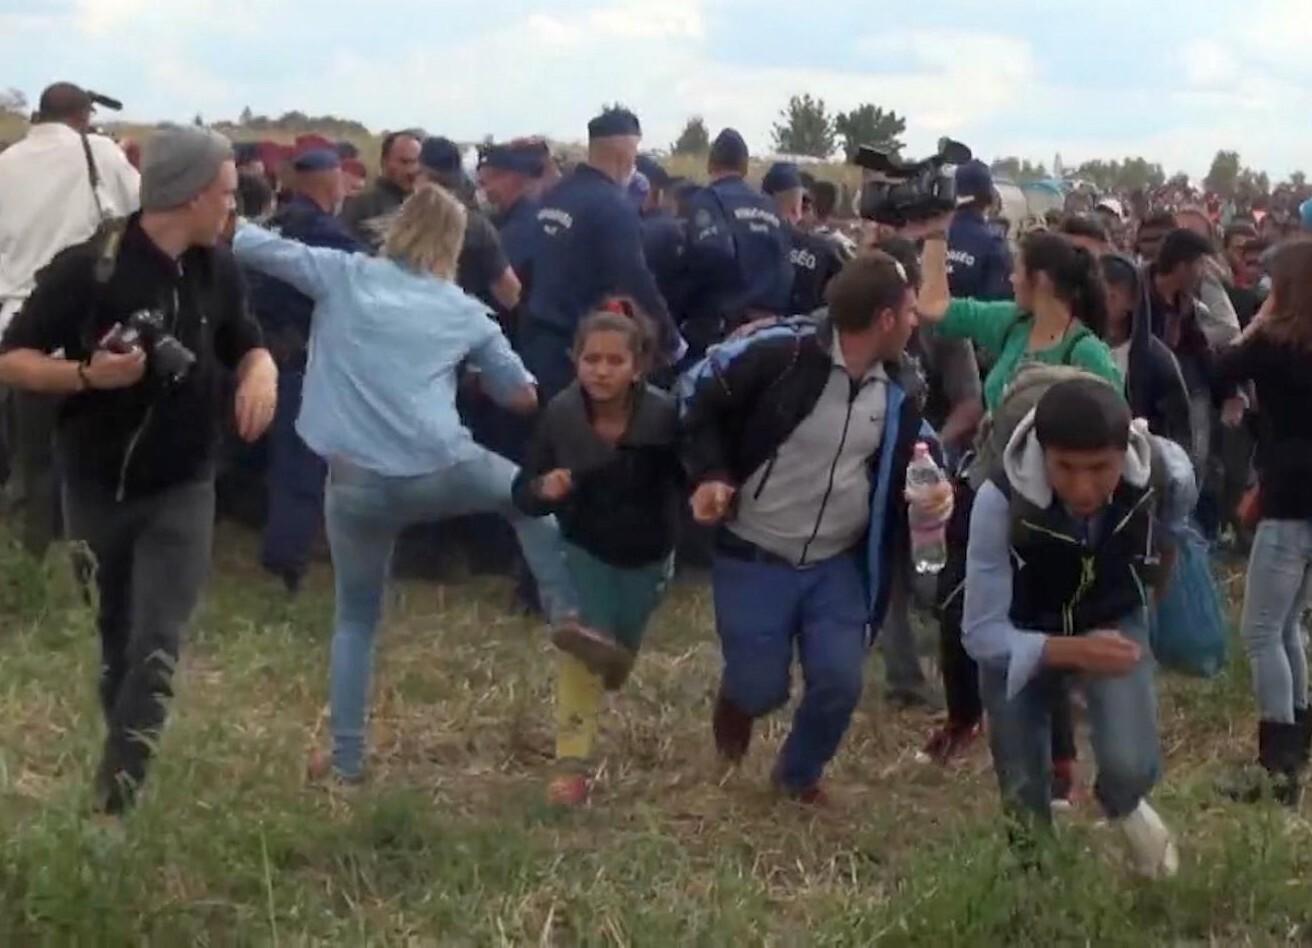 ARCHIVO - En esta foto del 8 de septiembre del 2015 tomada de televisión, una camarógrafa húngara, al centro, patea a una niña migrante que acaba de cruzar la frontera desde Serbia cerca de Roszke, Hungría. Petra Laszlo fue acusada formalmente de alterar la paz, informó la fiscalía de Hungría. (Index.Hu. via AP)